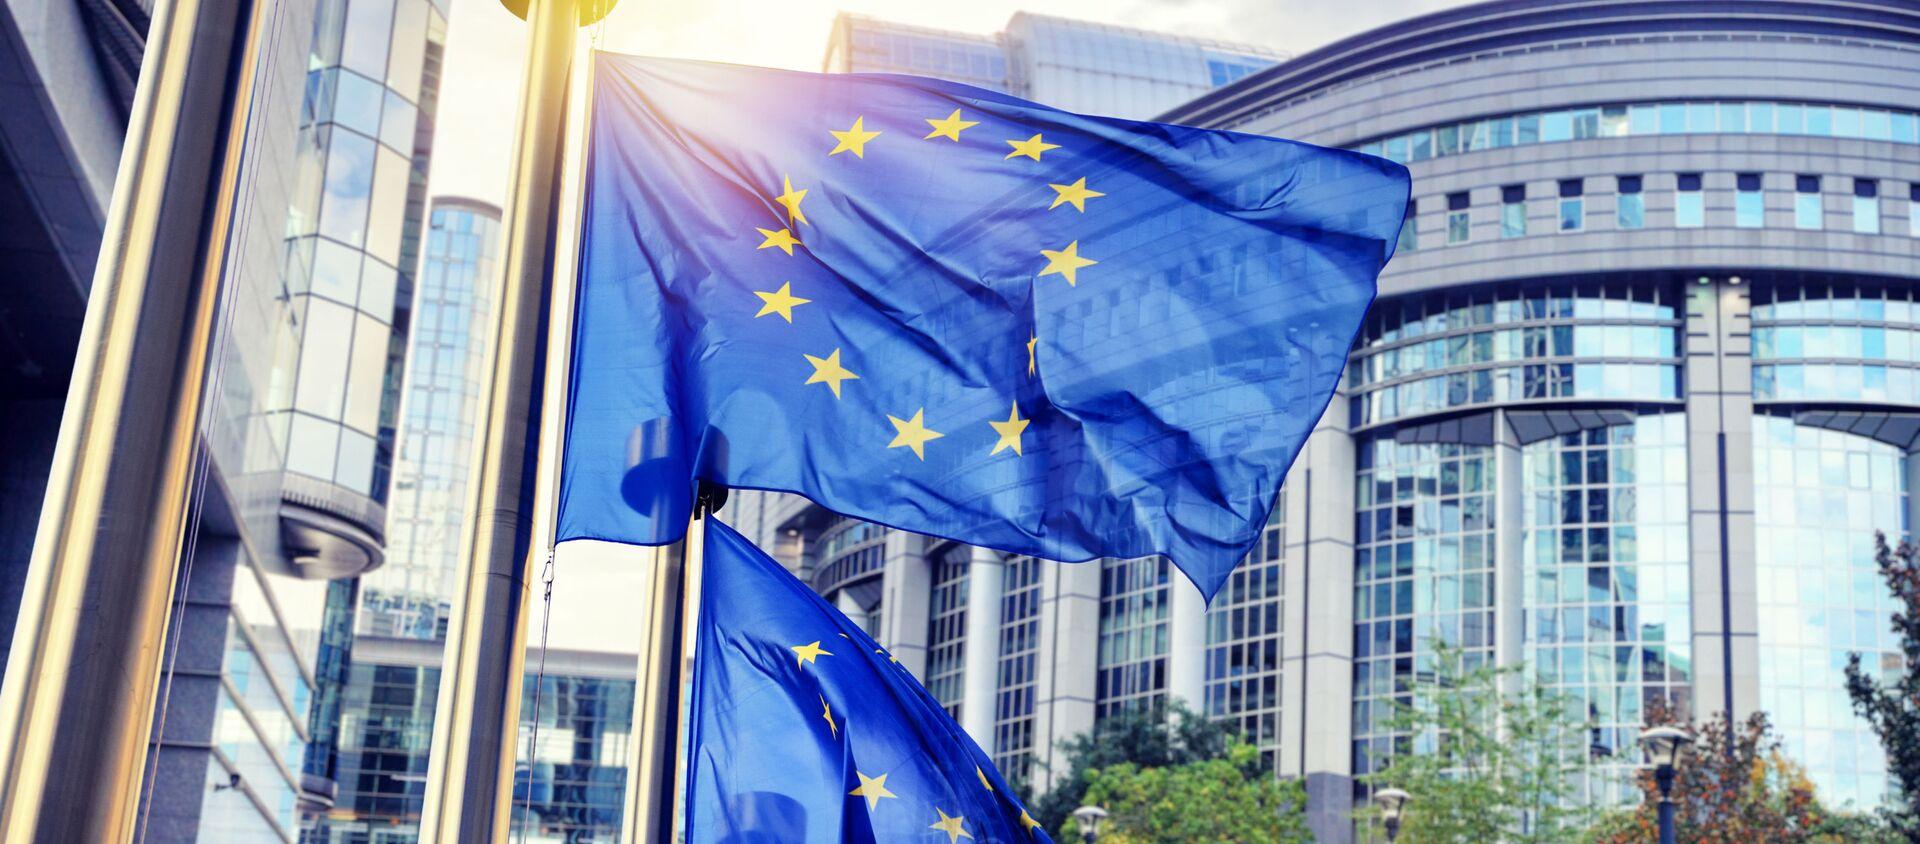 Flagi UE przed siedzibą Komisji Europejskiej w Brukseli - Sputnik Polska, 1920, 25.11.2020